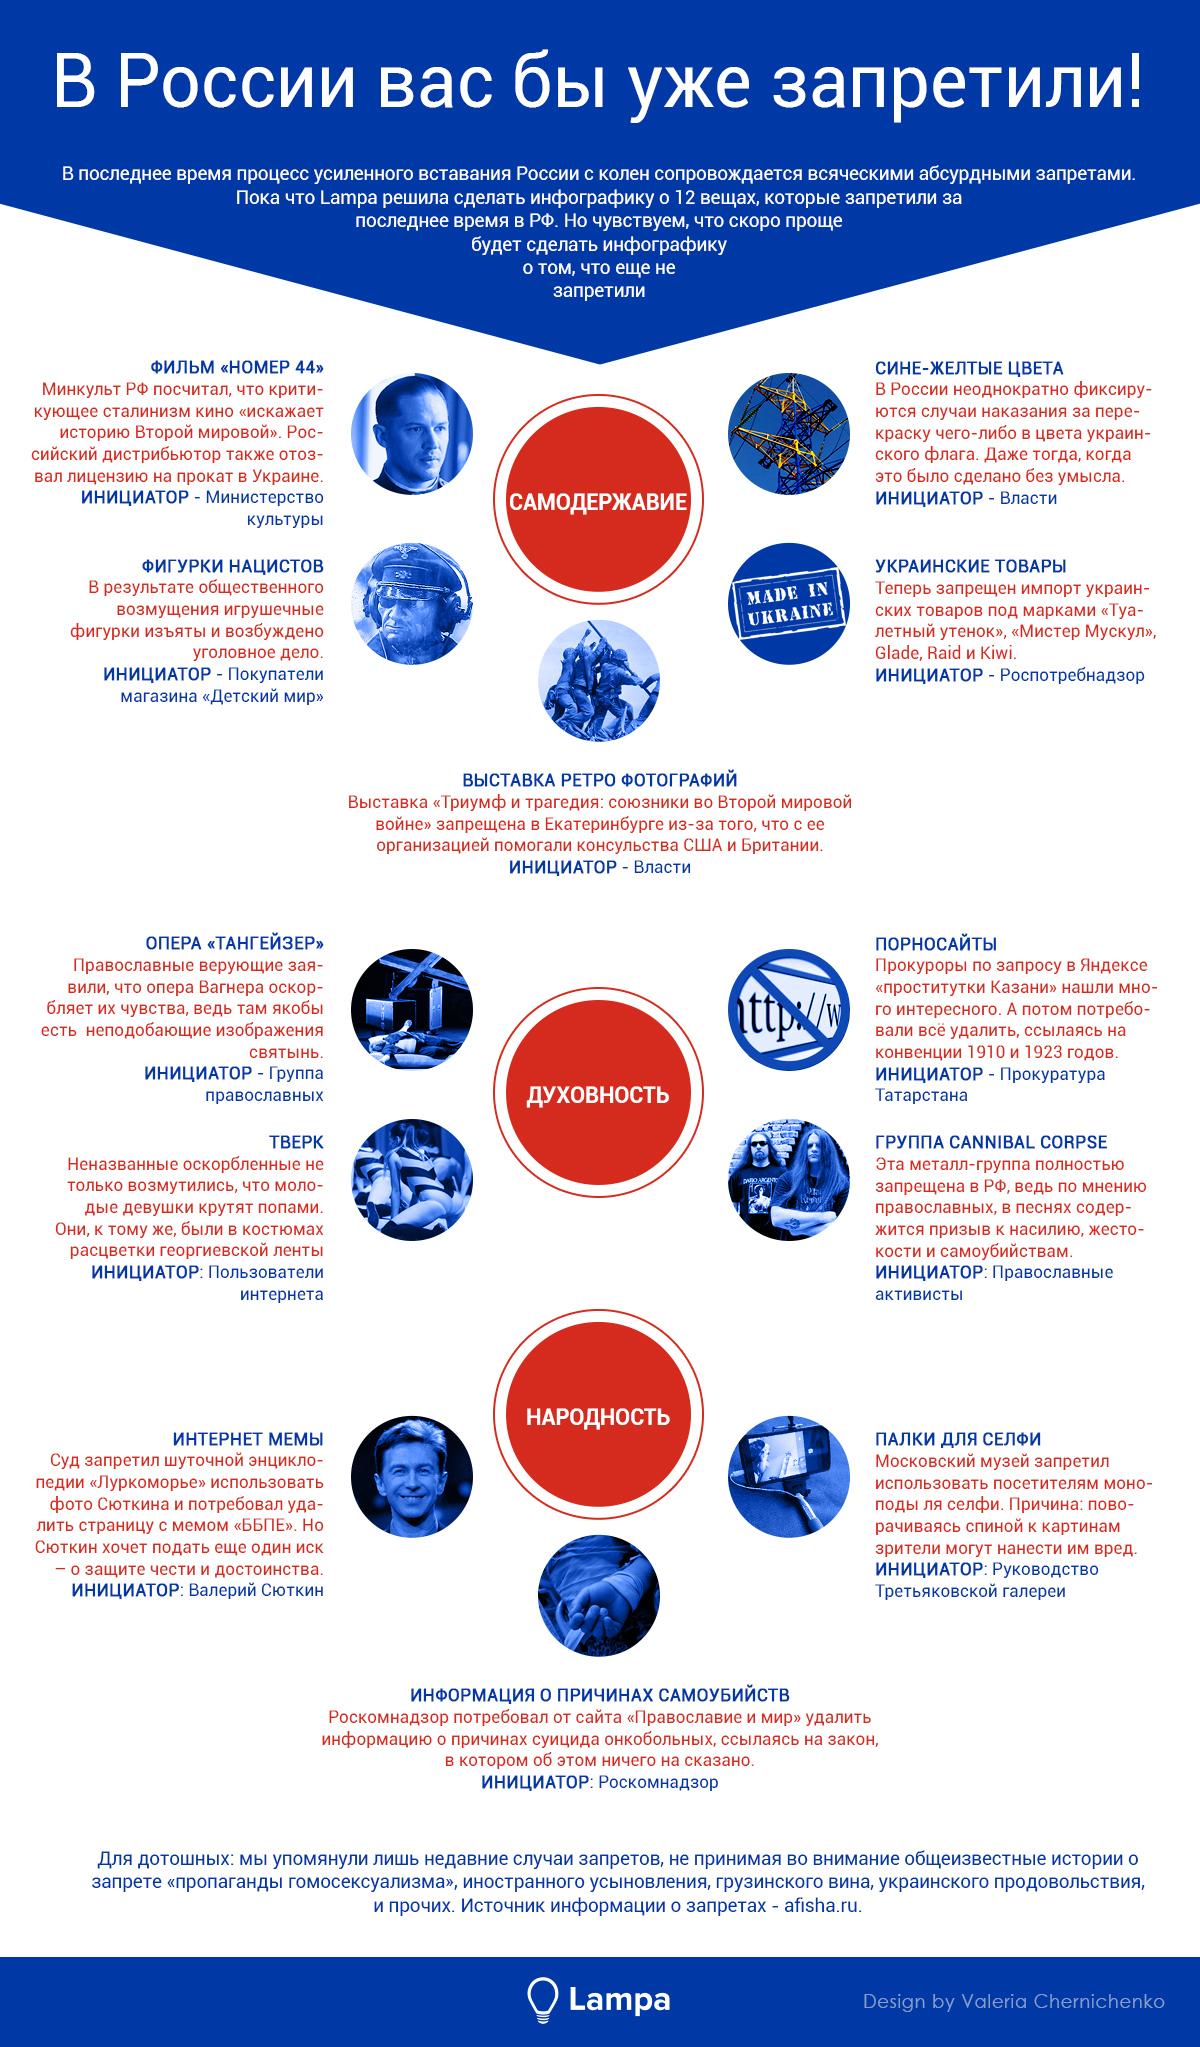 Визуализация: Обновленные запреты в России